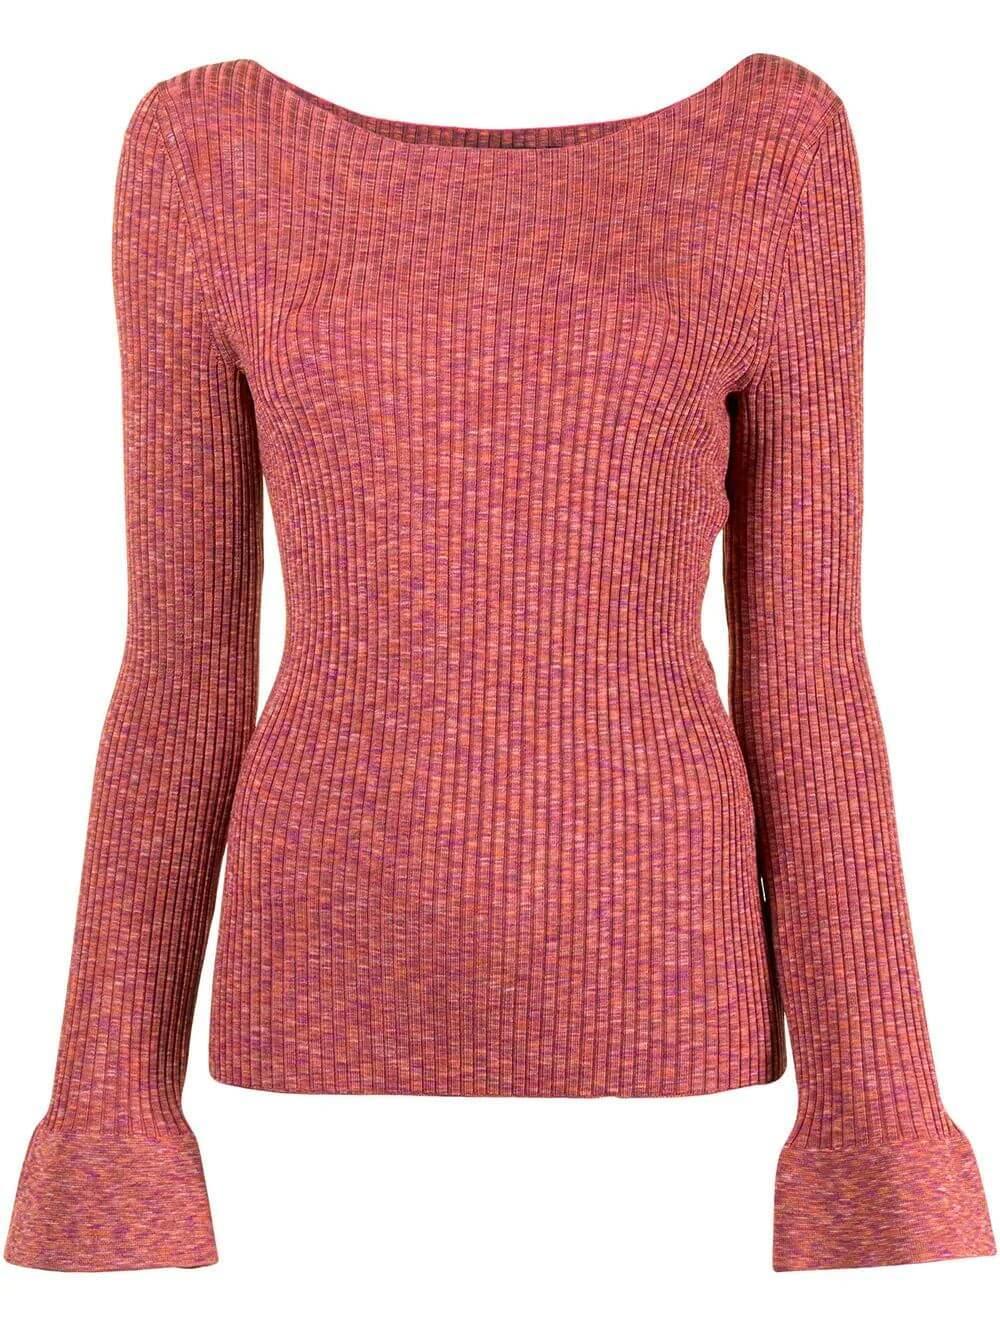 Boatneck Multi Knit